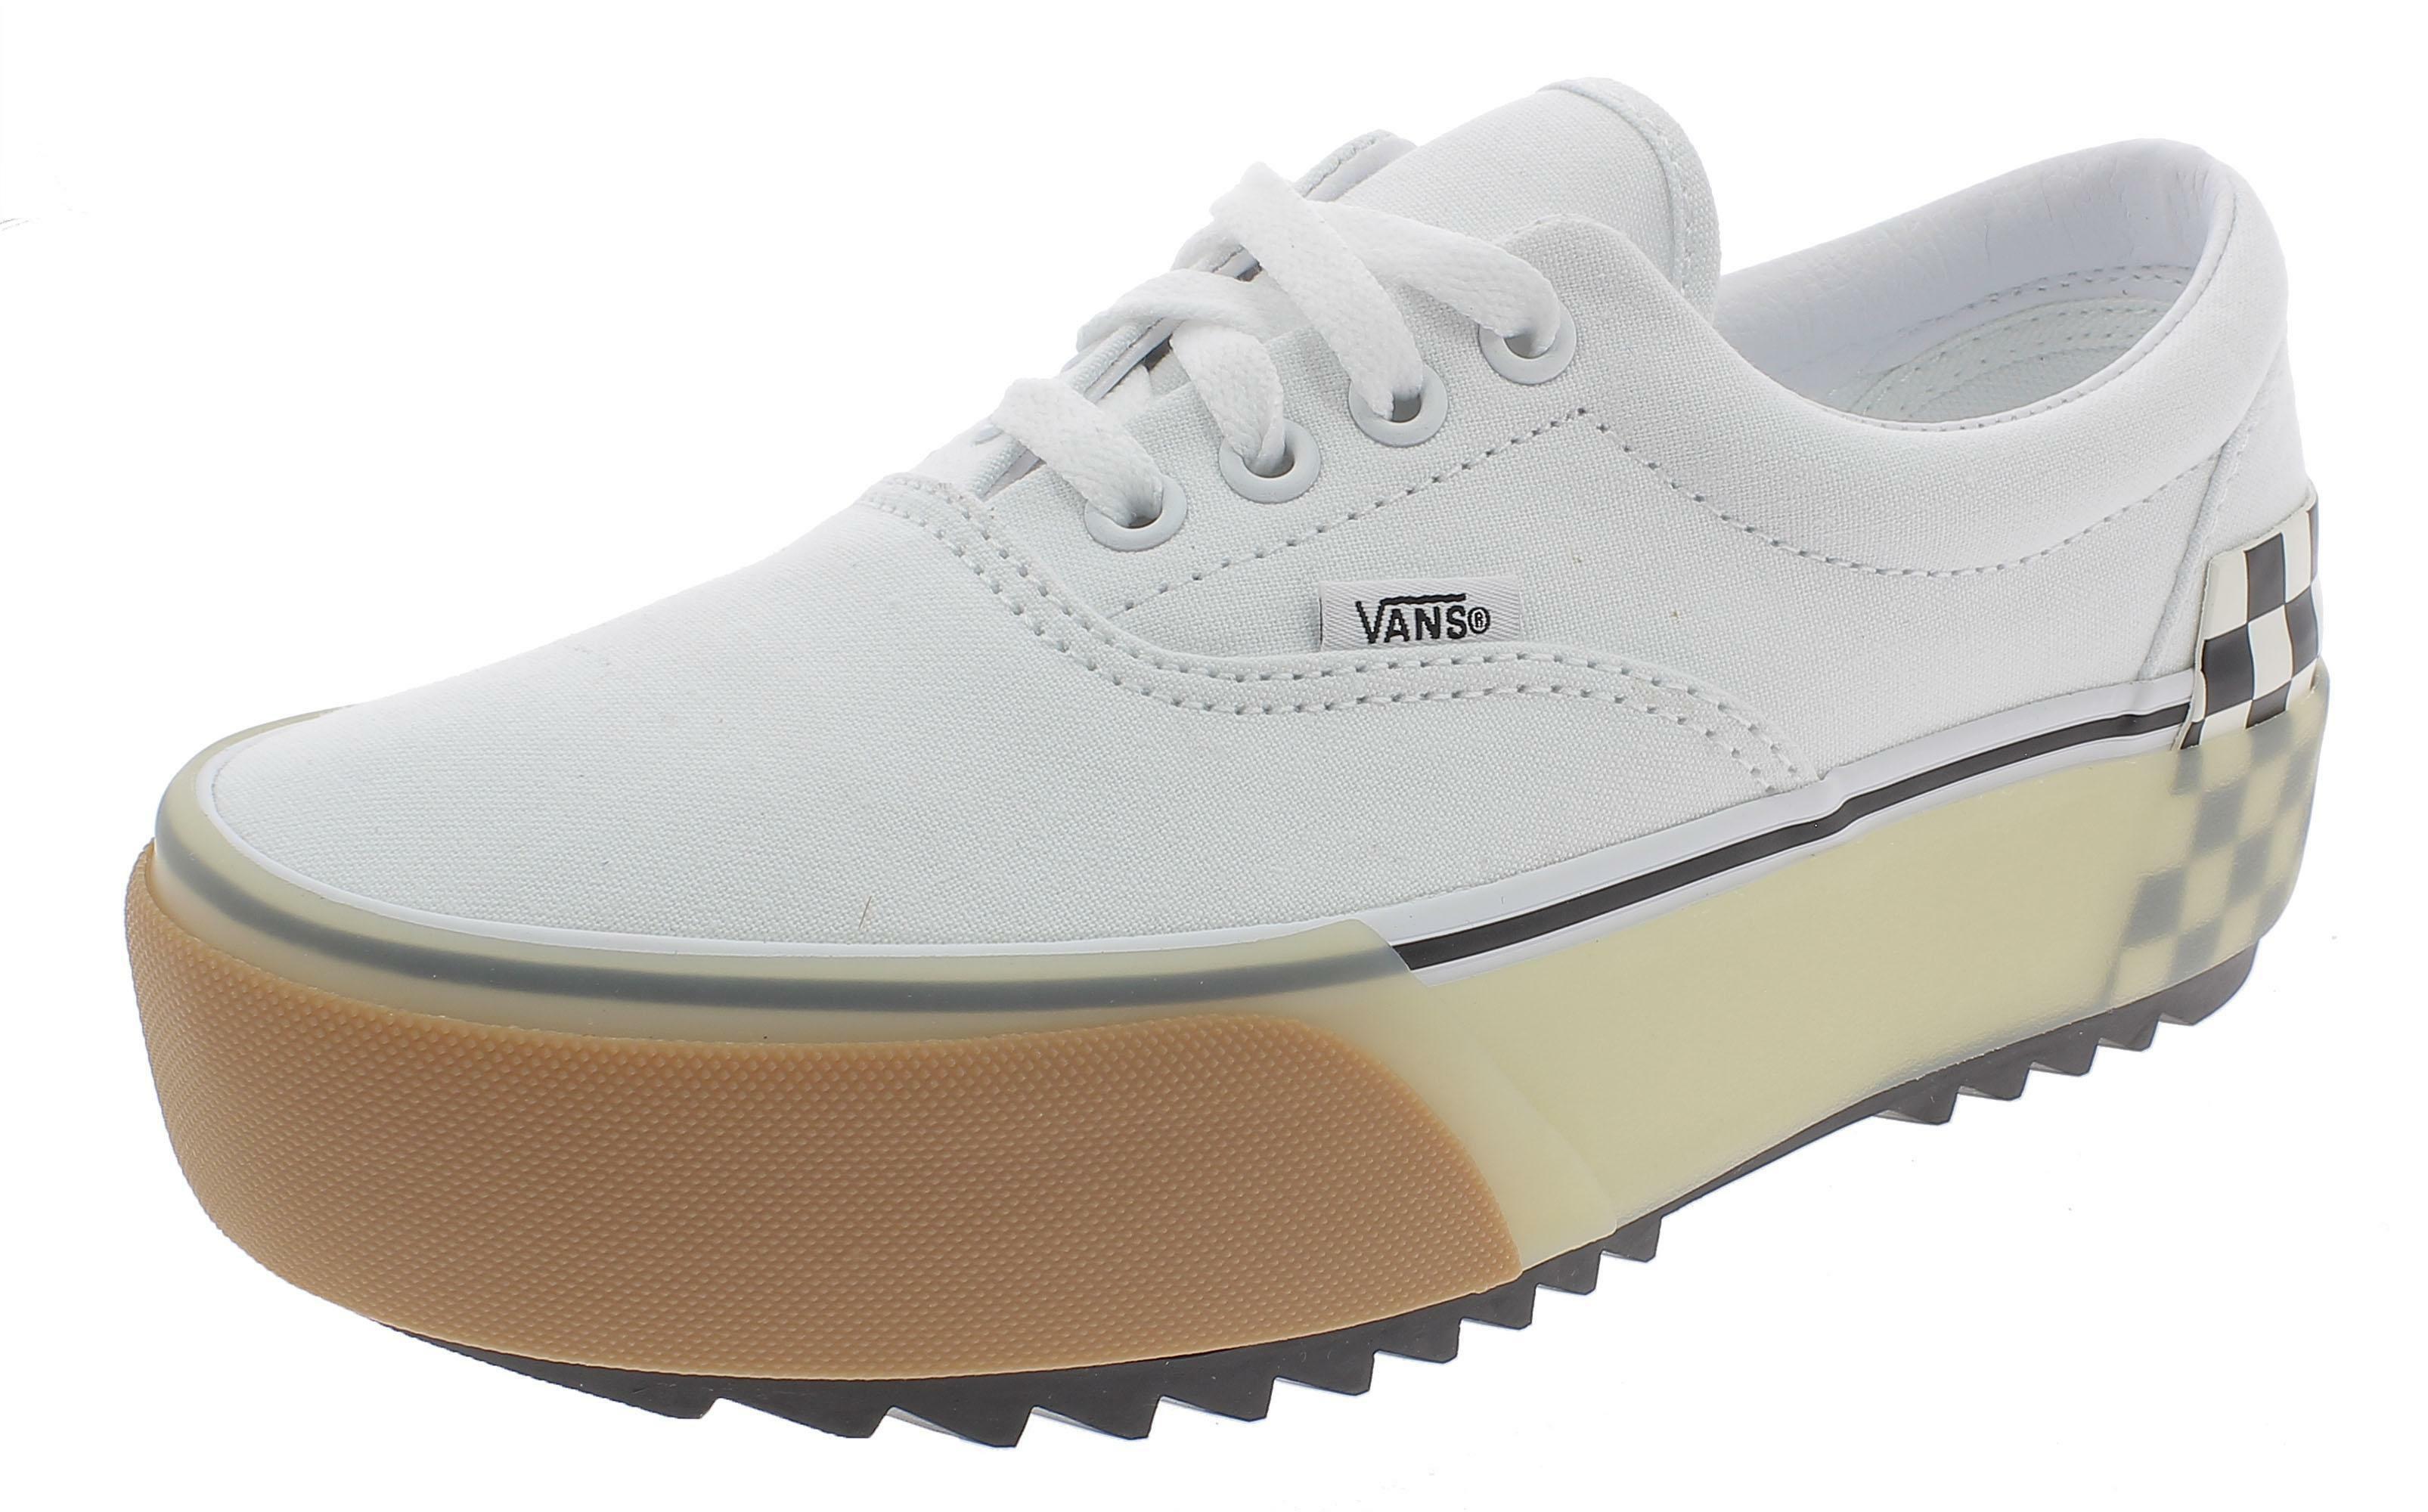 Vans era stacked platform scarpe sportive donna bianche vn0a4btotdc1